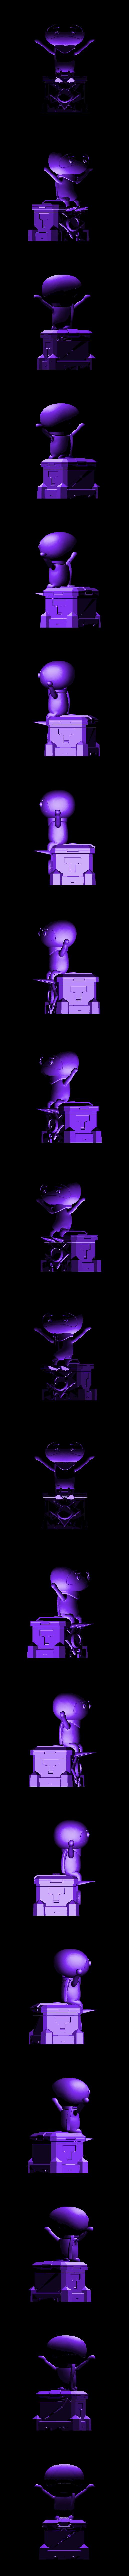 dlive01.stl Télécharger fichier OBJ gratuit DLive Ninja • Design pour impression 3D, CarlCreates